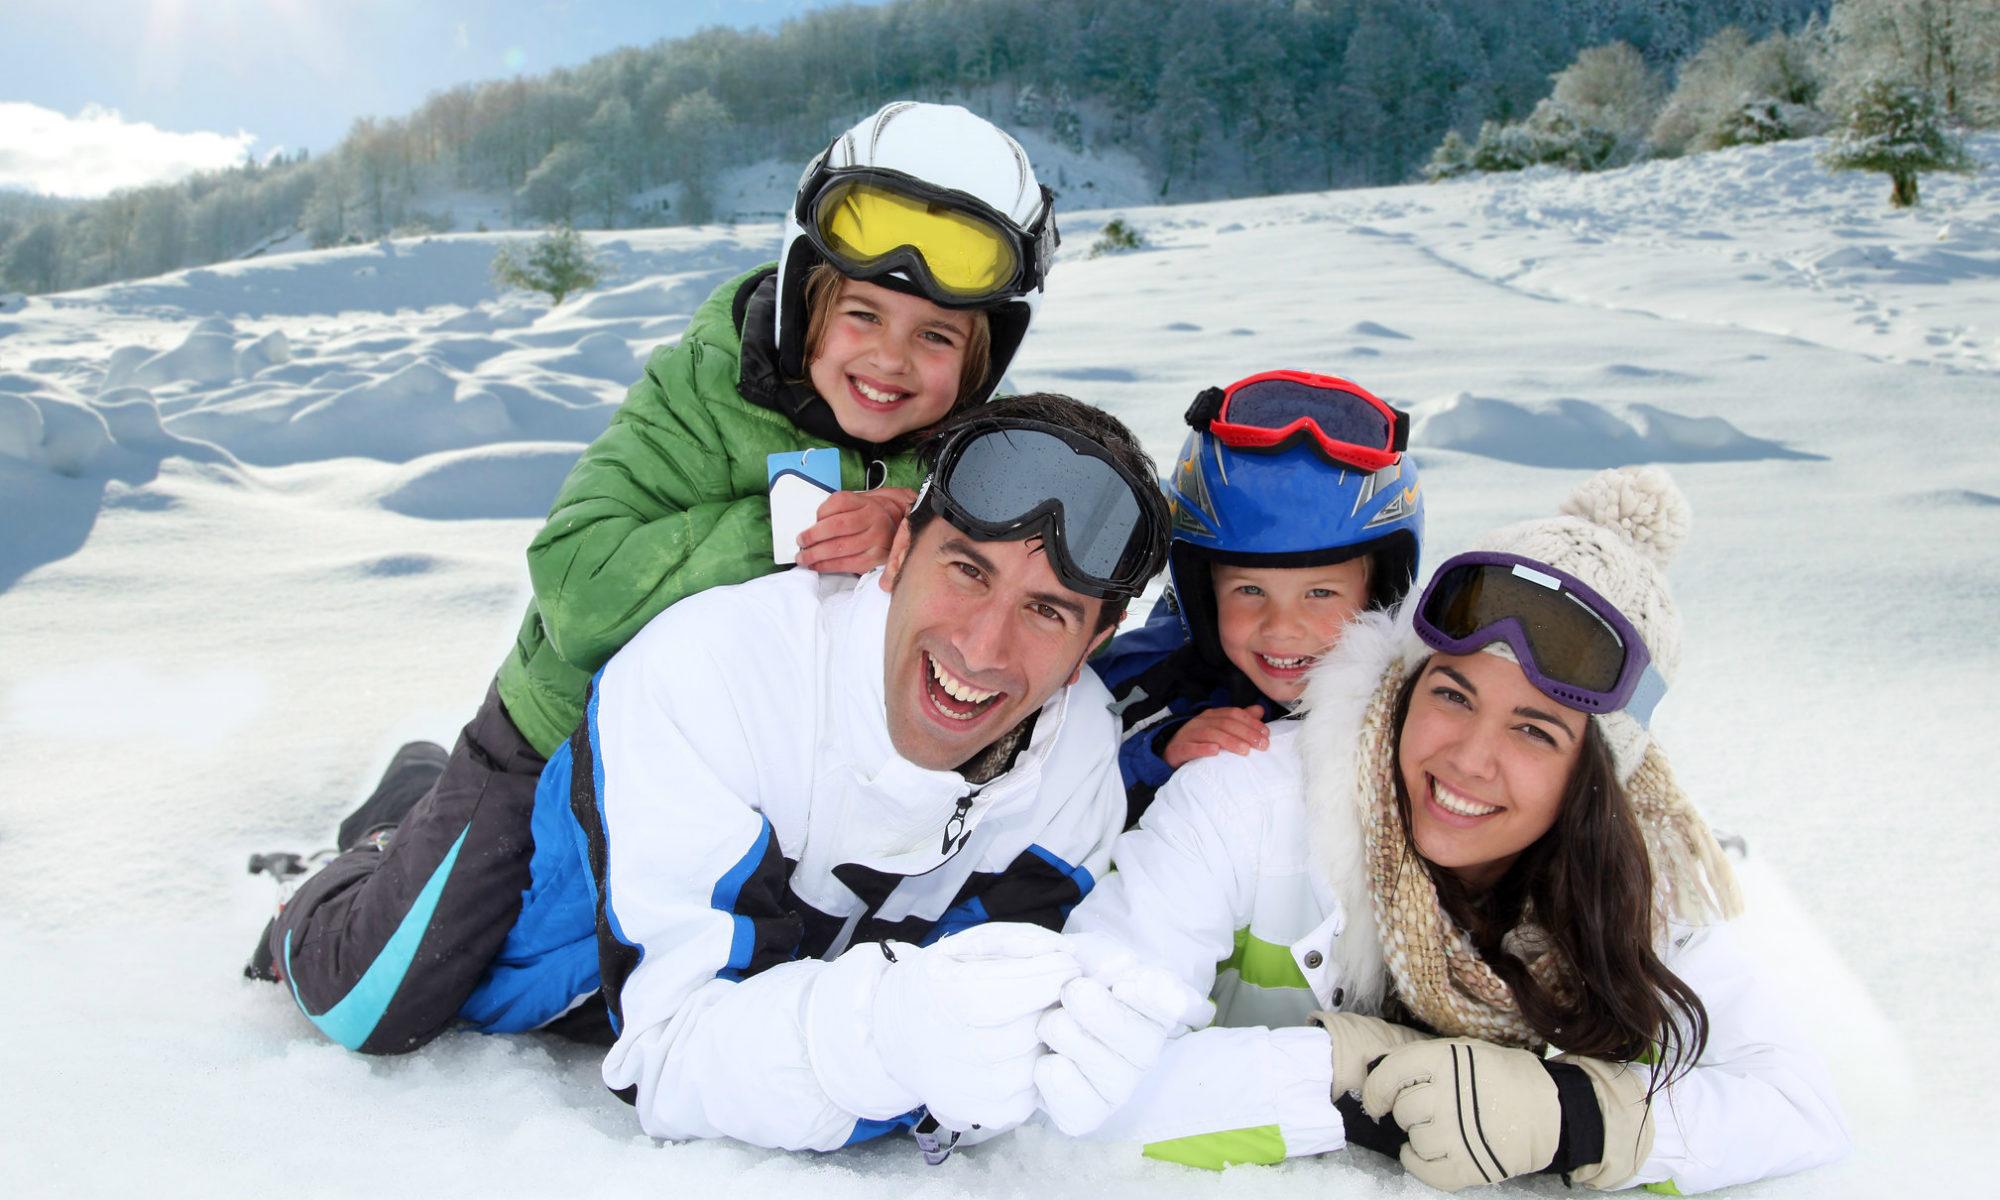 Une famille souriante pose allongée dans la neige.